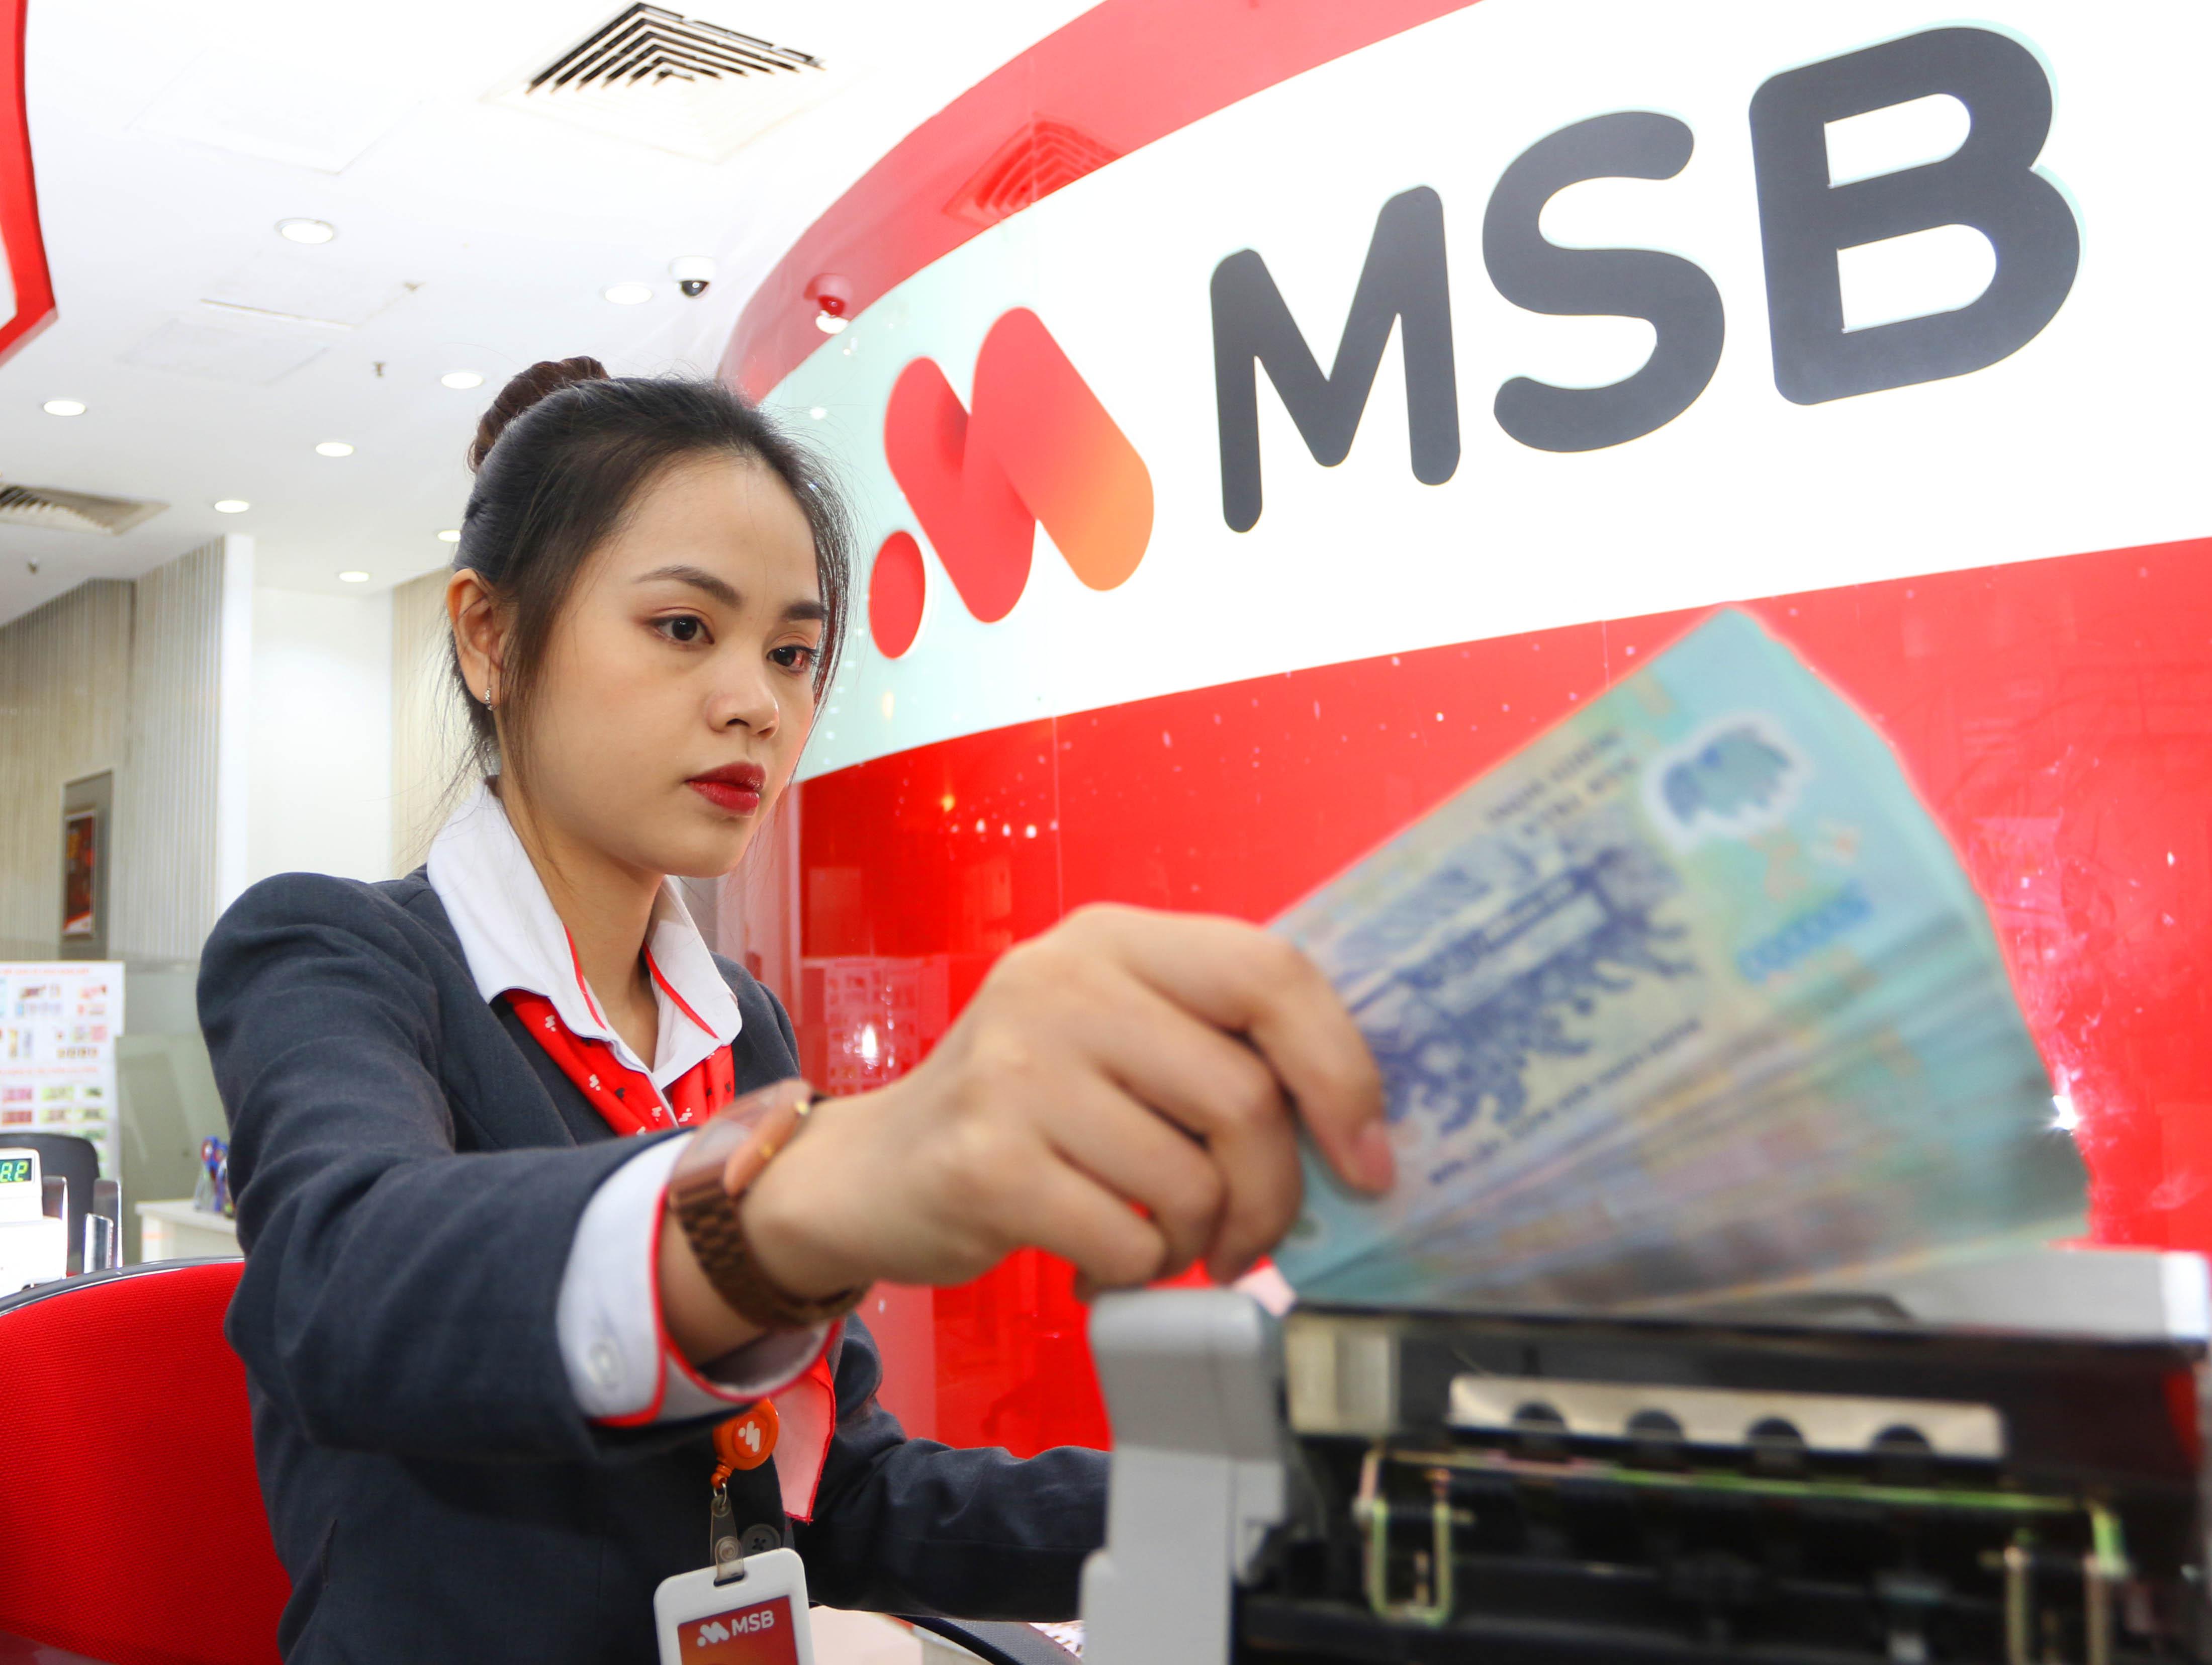 MSB lãi trước thuế hơn 1.660 tỉ sau 9 tháng, vượt kế hoạch cả năm - Ảnh 1.